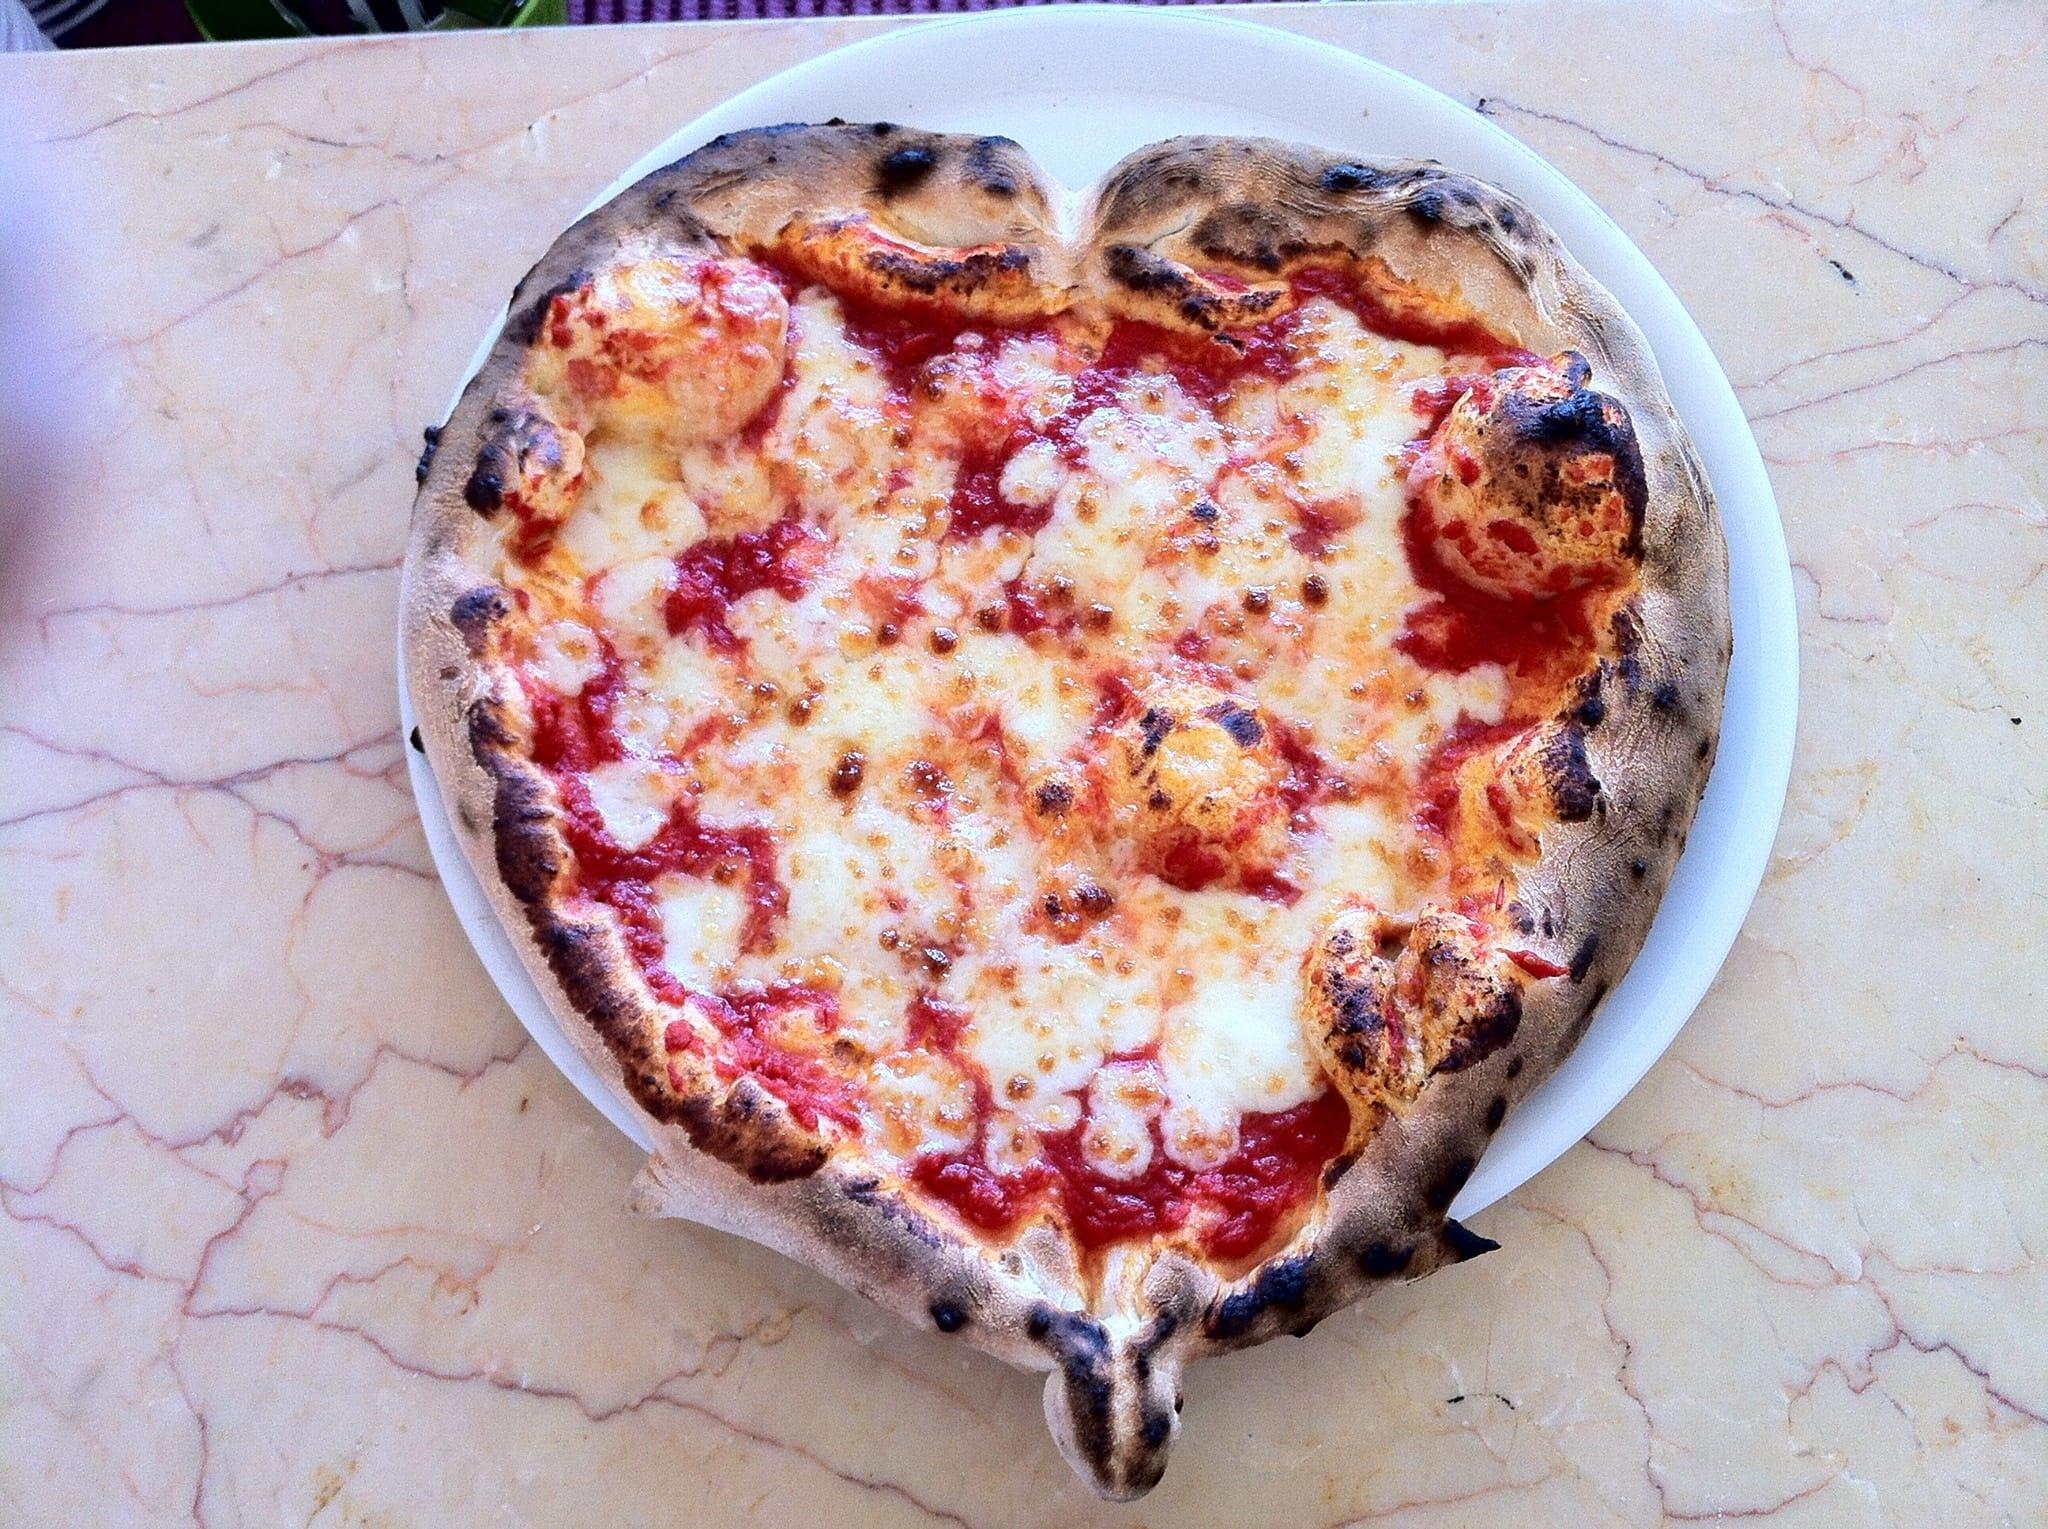 Slow Food Monti della Tolfa parla di Pizza: la pizzeria Mastro Titta